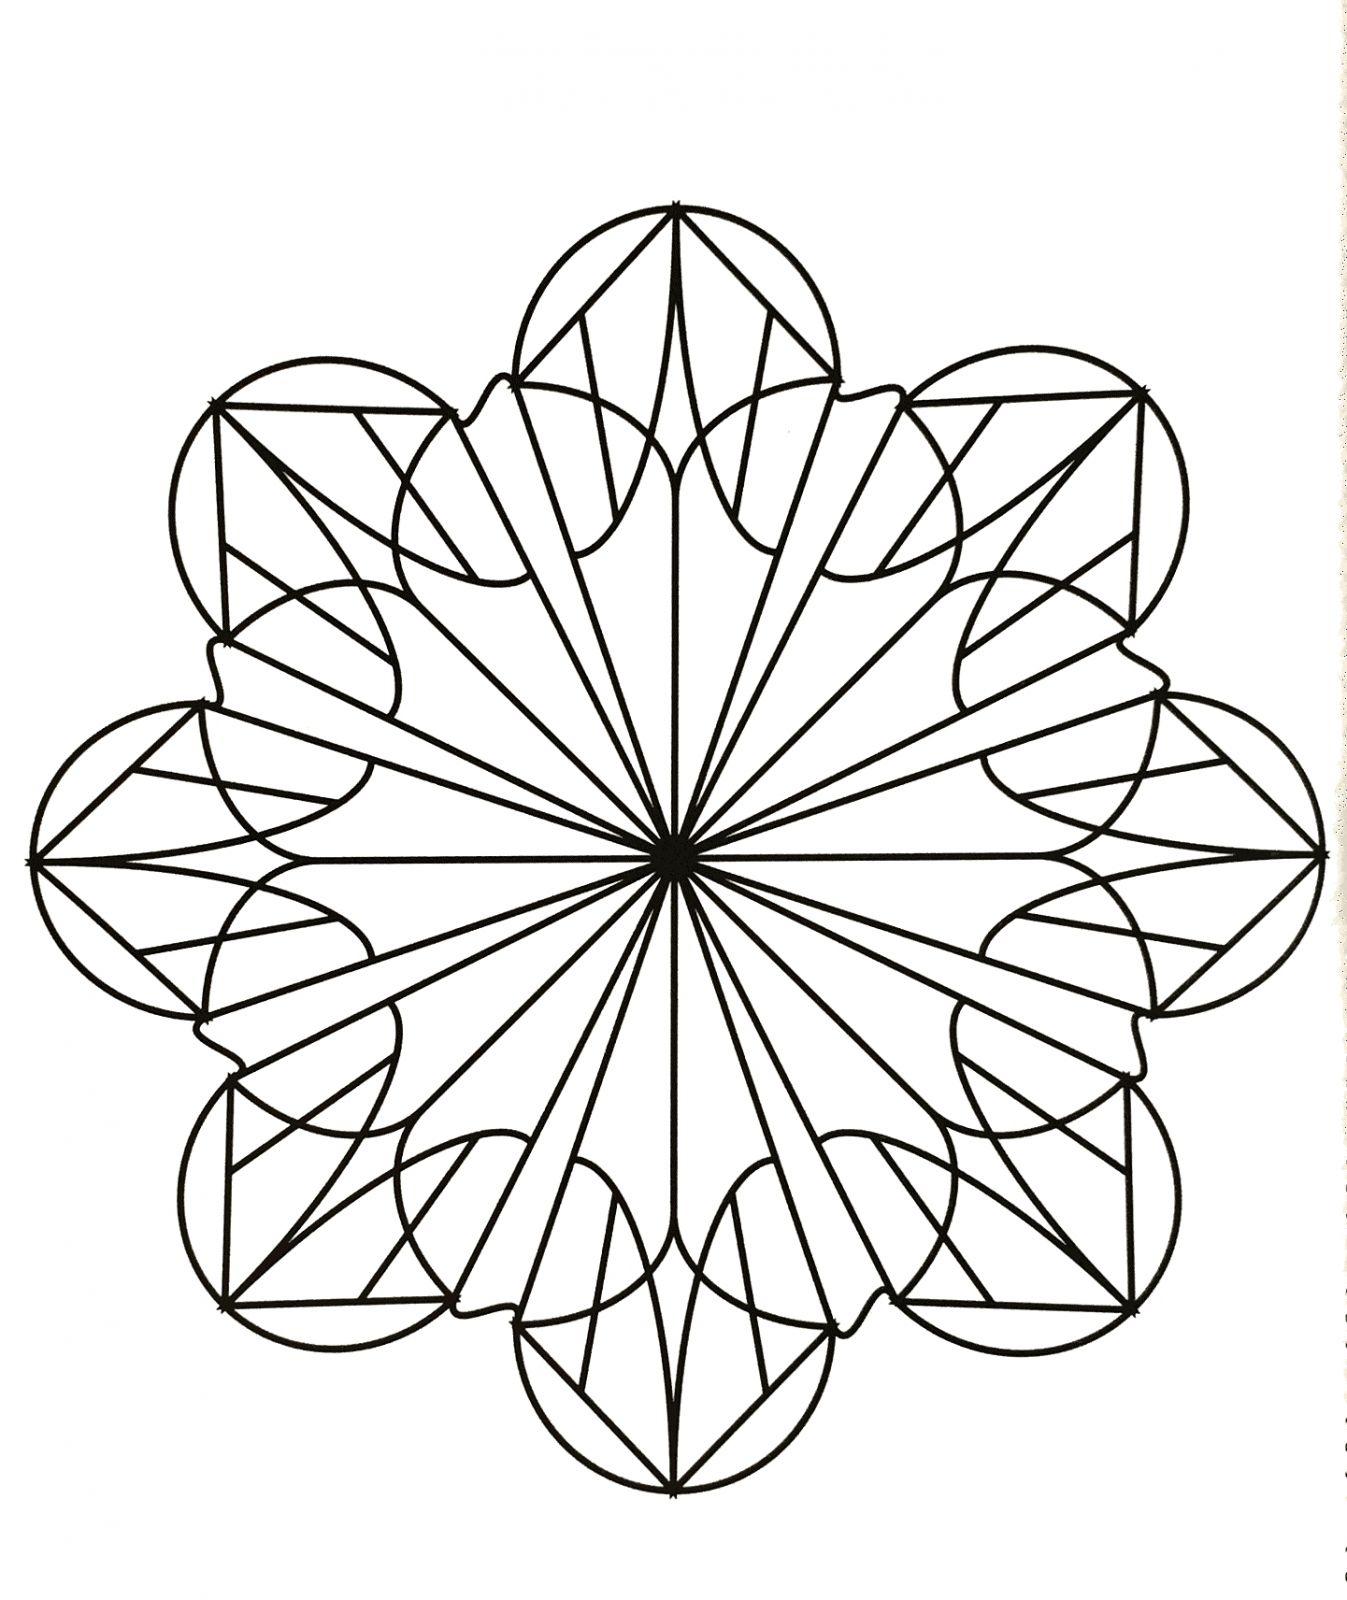 Coloriage Mandala Facile Fleur | Coloriages À Imprimer Gratuits serapportantà Mandala Facile À Imprimer